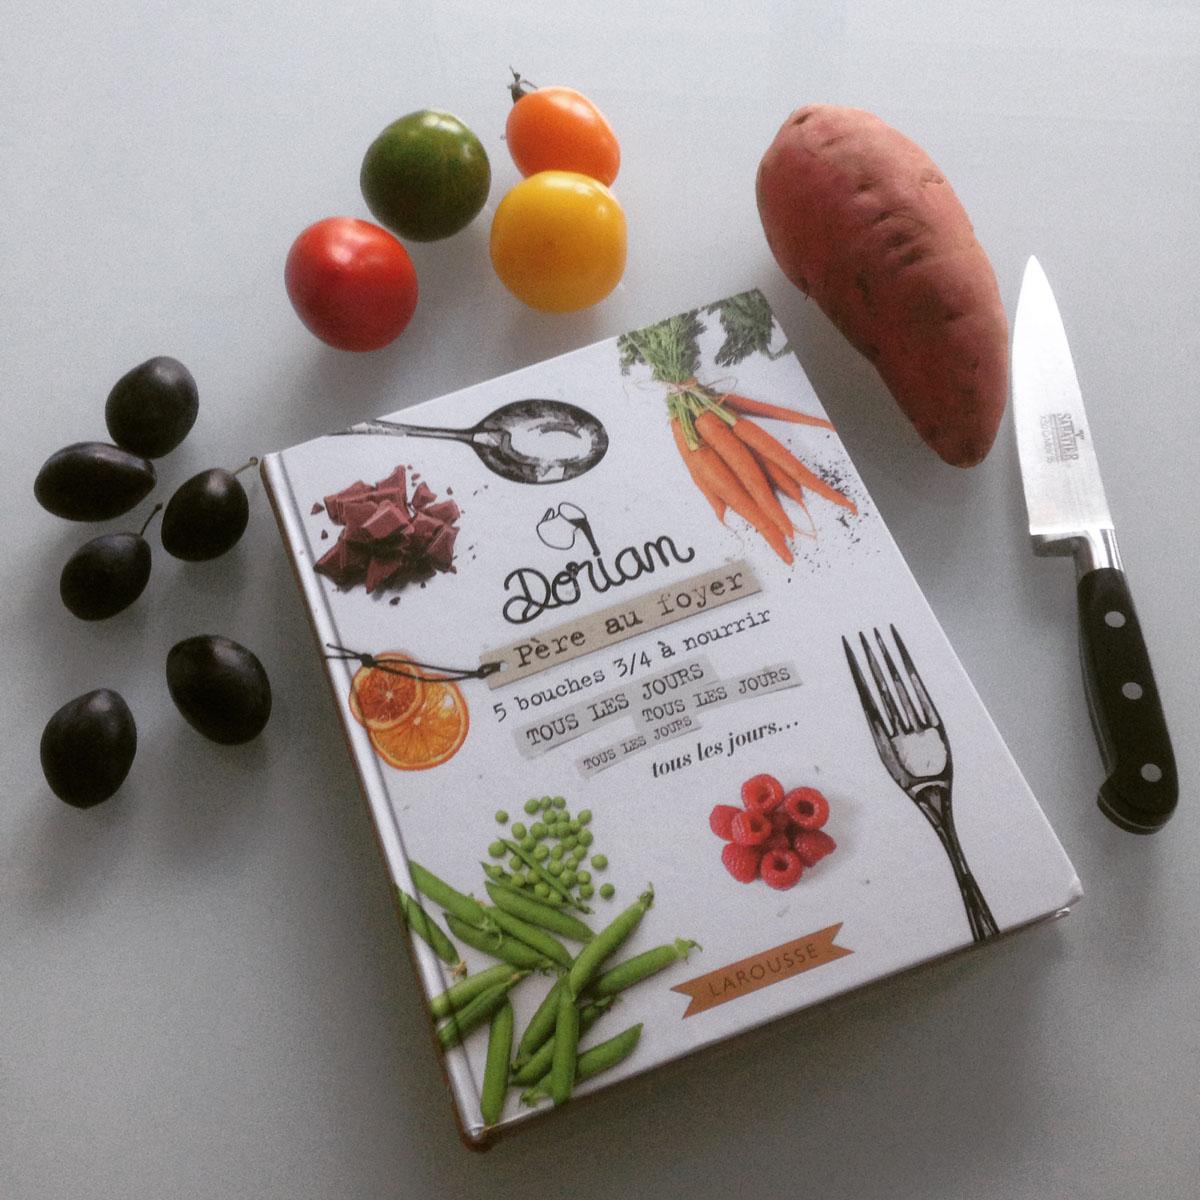 dorian-cuisine-livre-pere_au_foyer-recettes